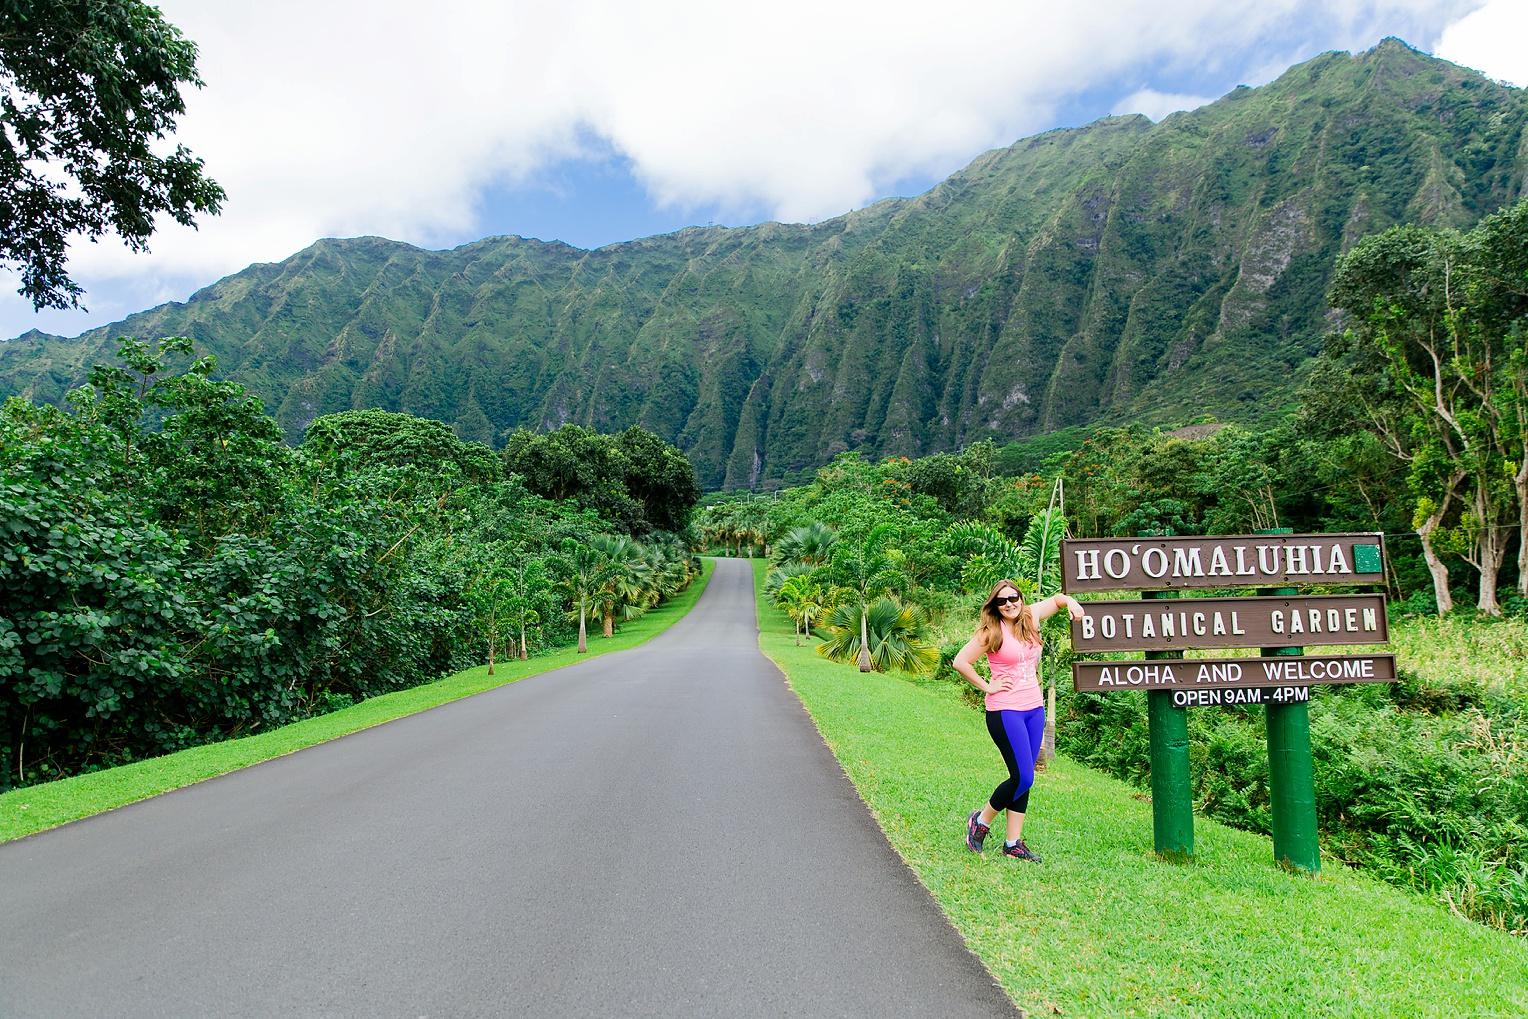 Hawaii Oahu Botanical Gardens Ko'olina Lagoon-9387.jpg